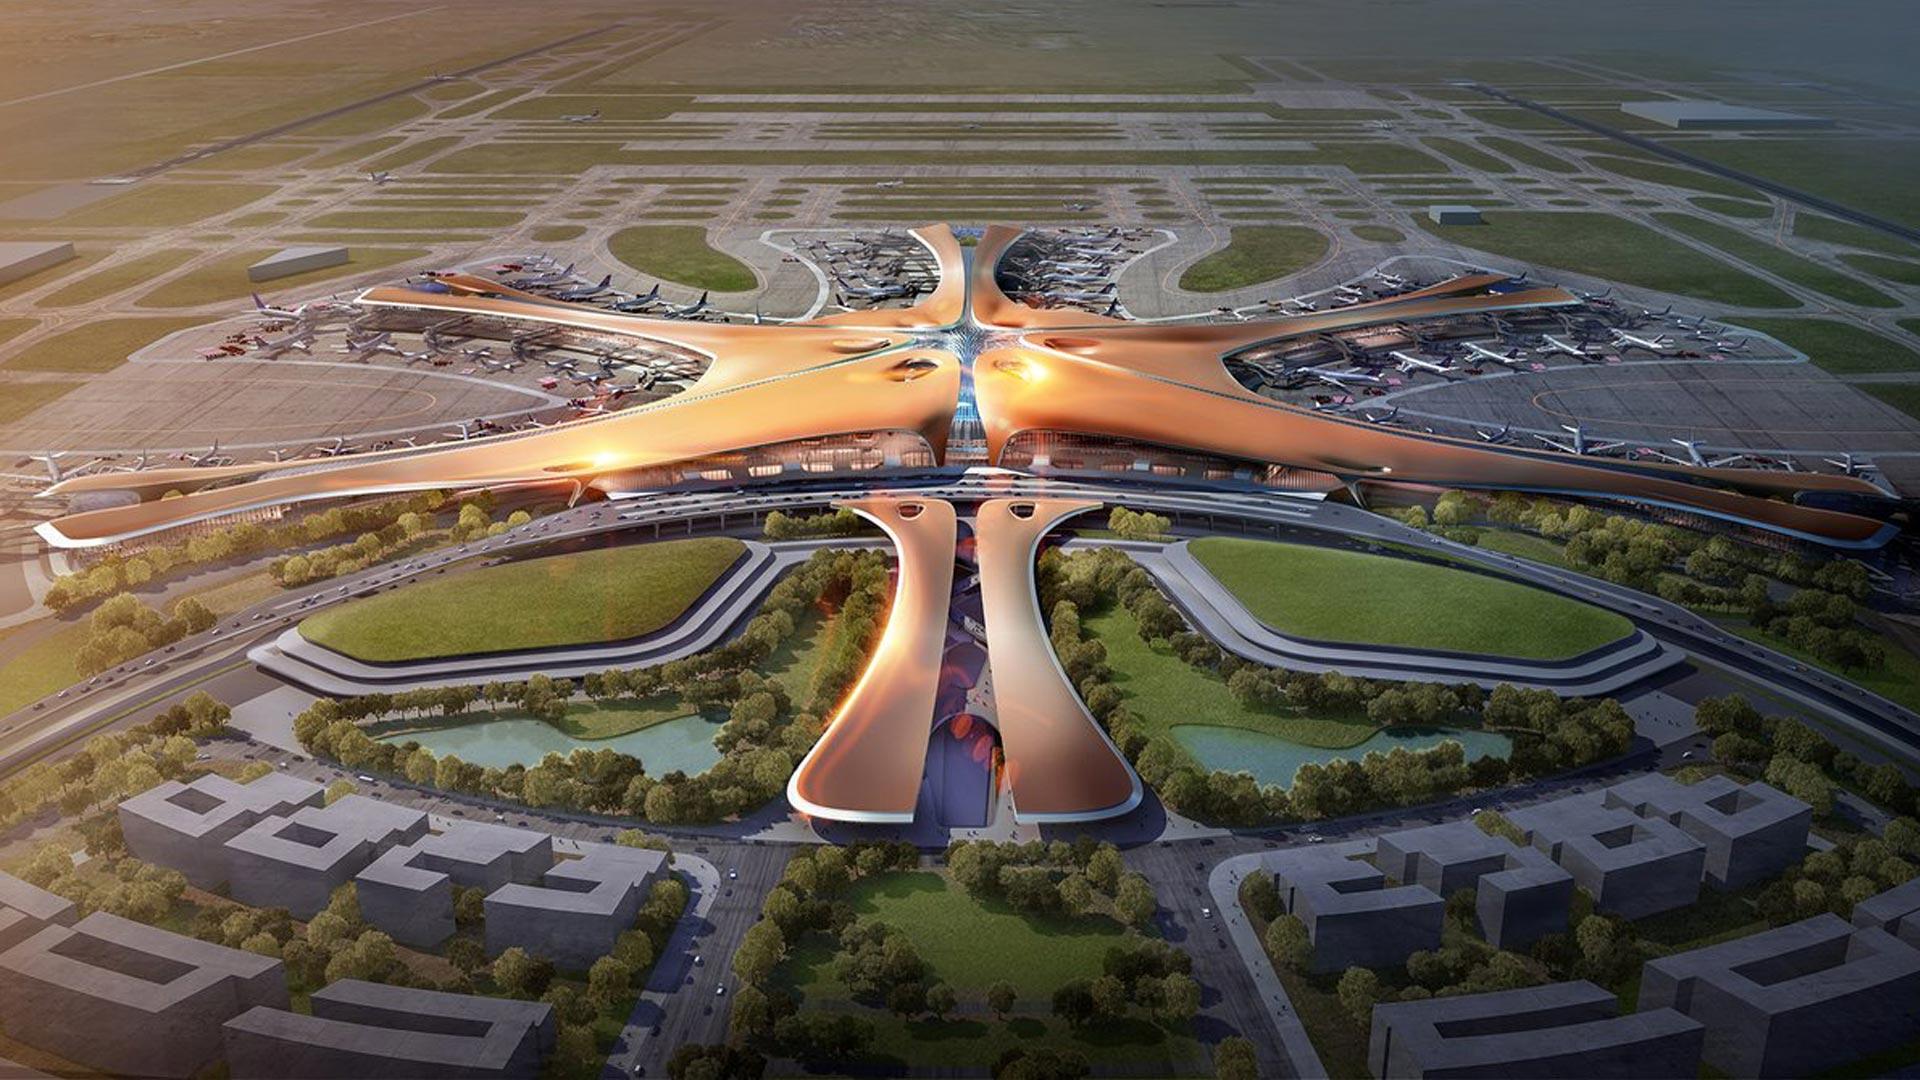 بزرگترین ترمینال فرودگاه در دنیا